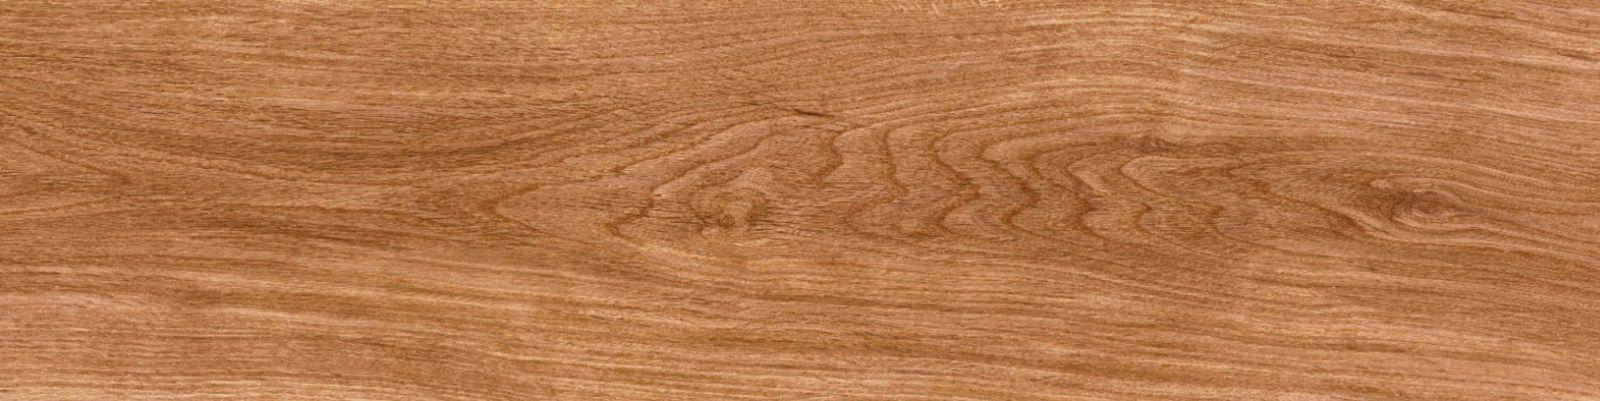 GẠCH GIẢ GỖ ROYAL 20X80 2803500017 - Gạch giả gỗ Hoàng Gia 20x80- Gạch giả gỗ tồn kho